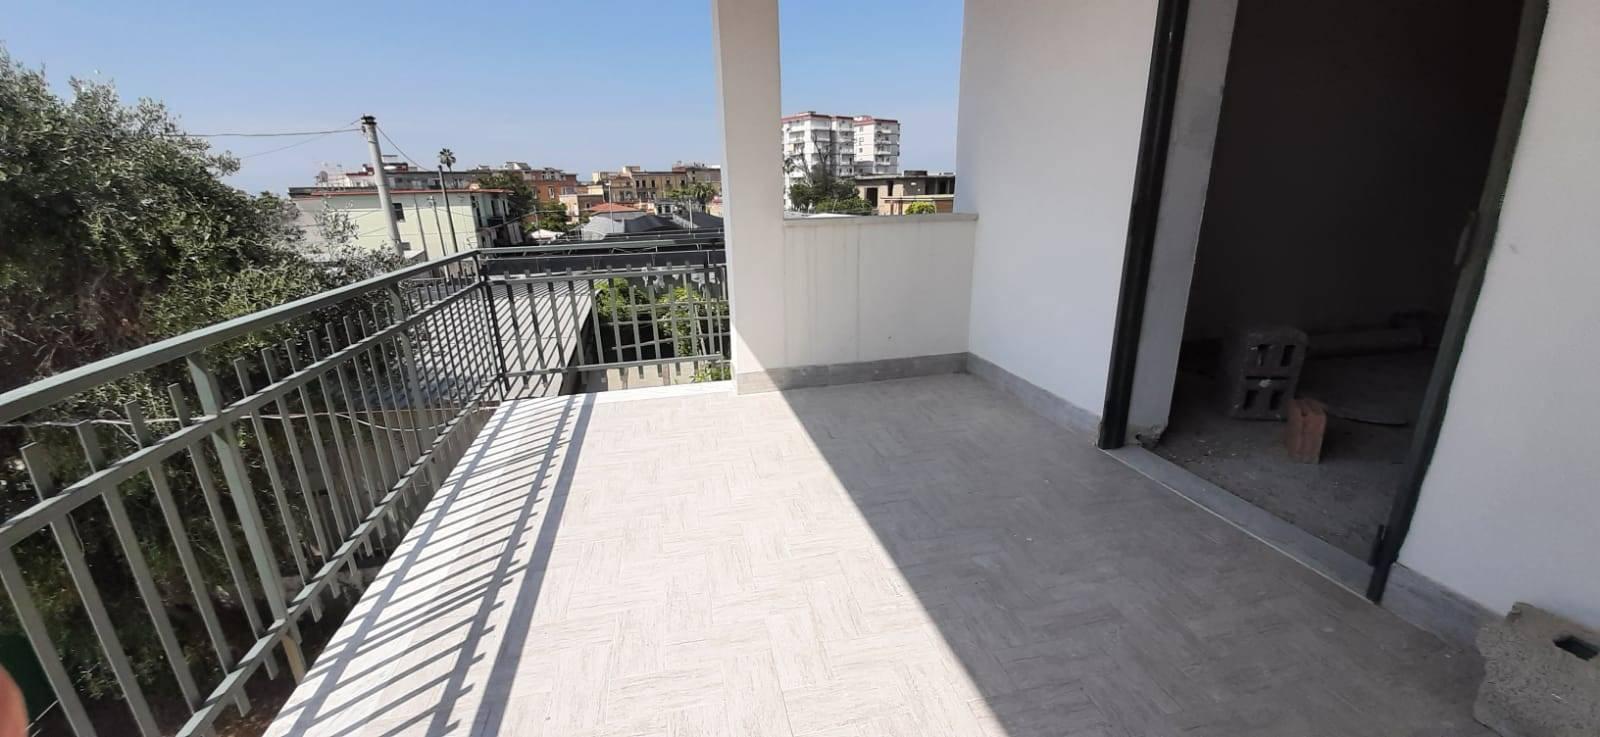 Palazzo / Stabile in affitto a San Giorgio a Cremano, 3 locali, zona Località: BASSA, prezzo € 3.000 | CambioCasa.it